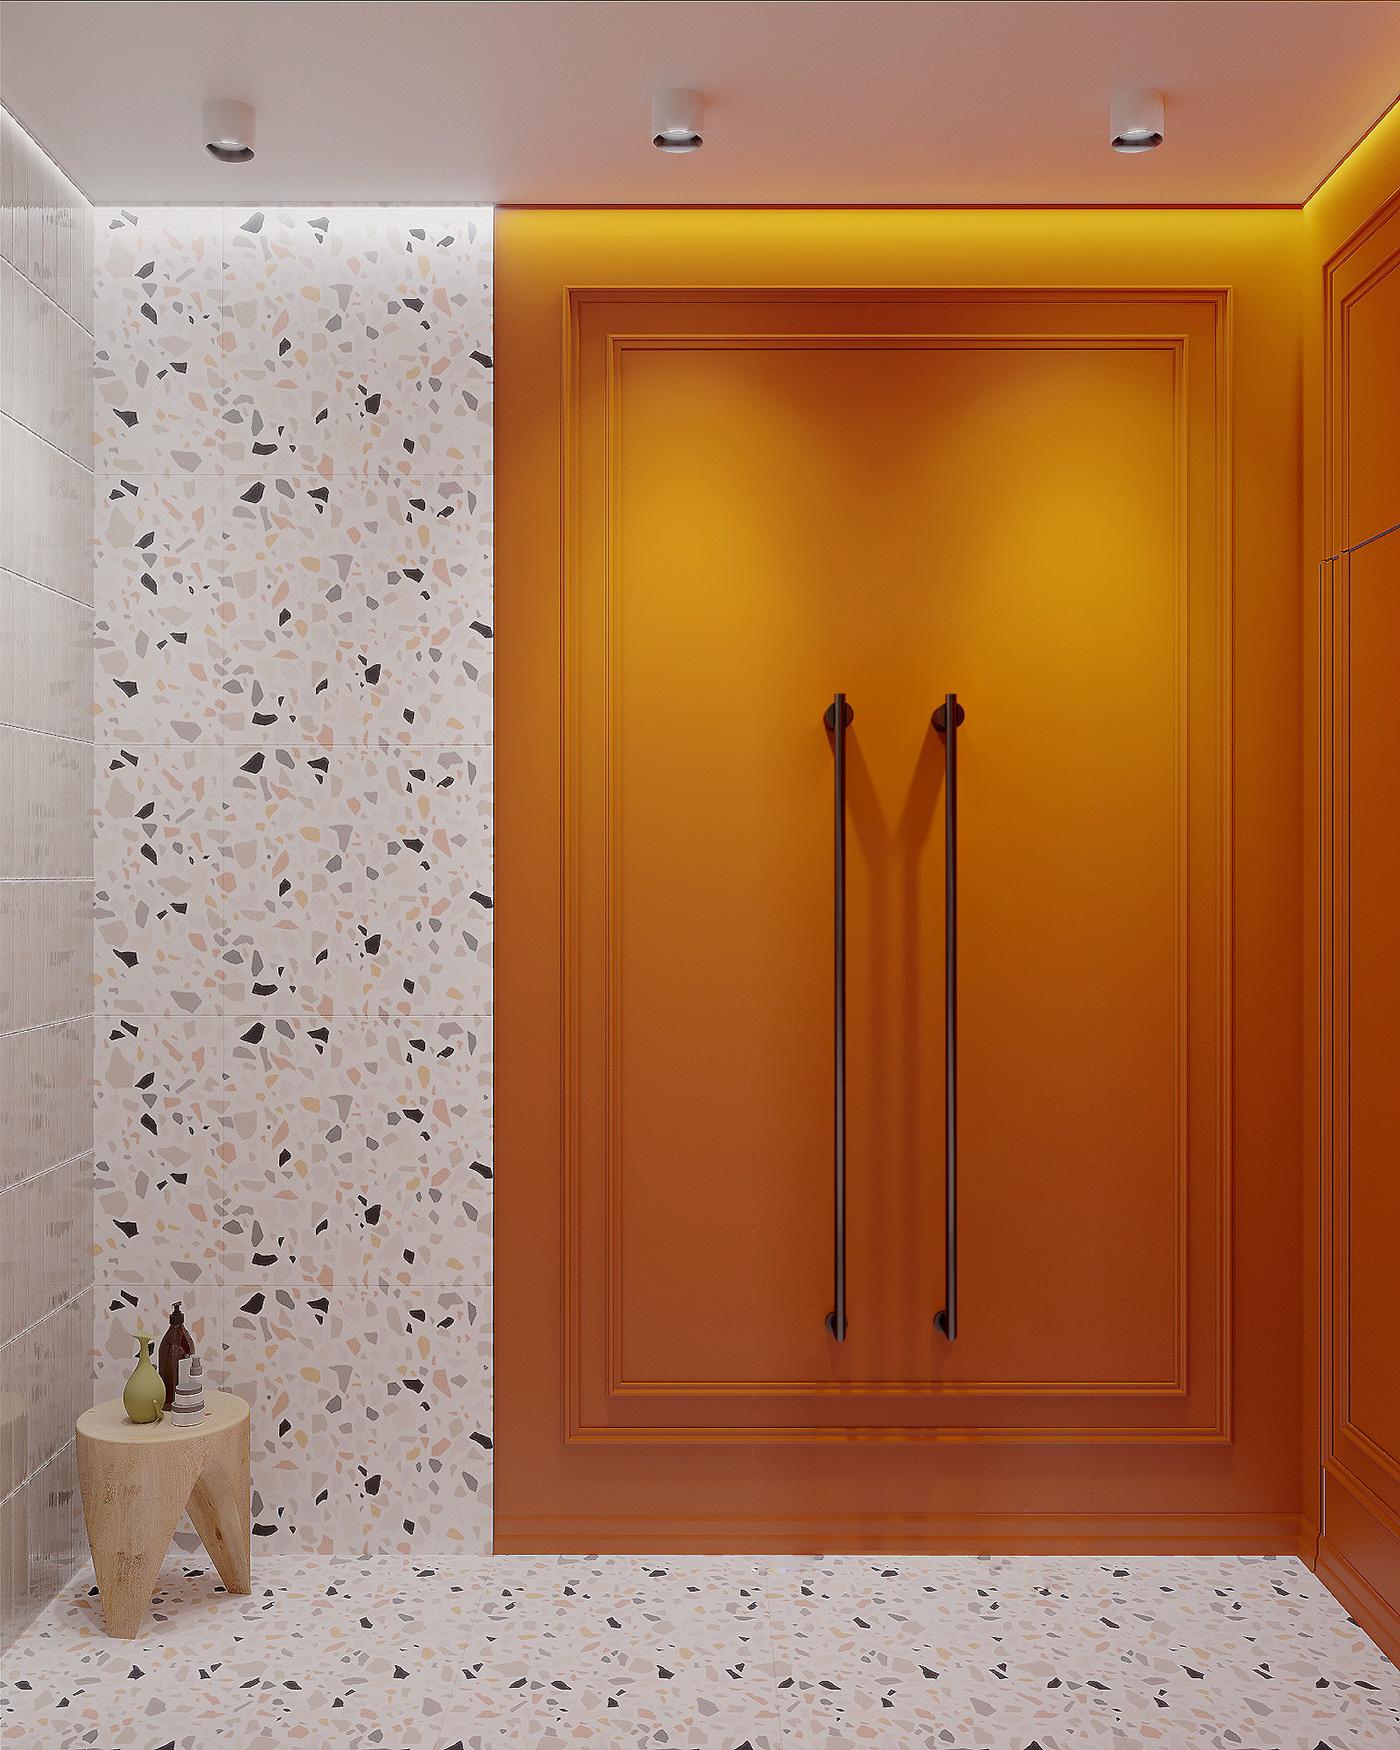 Image may contain: indoor, door and art